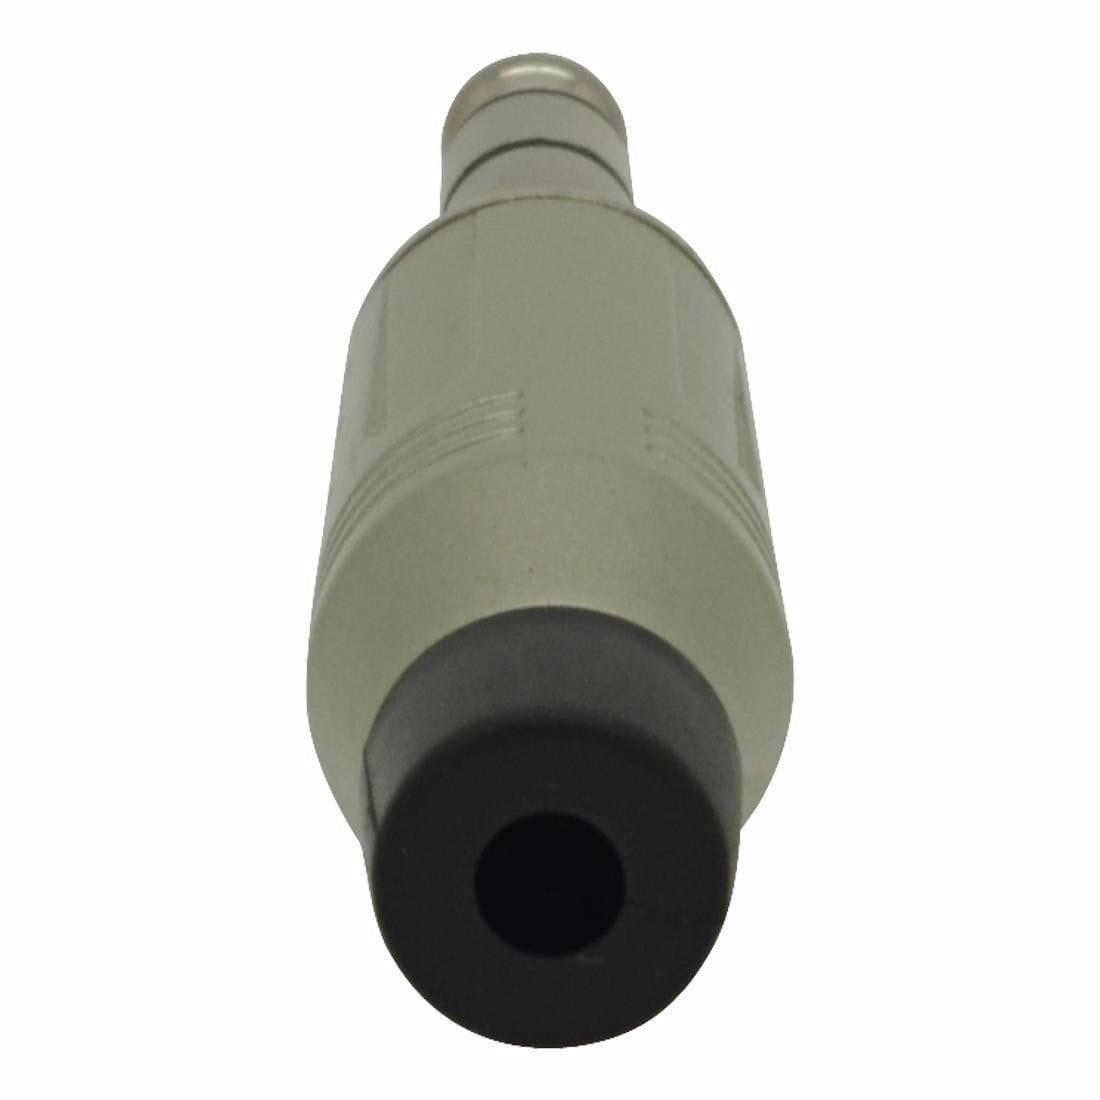 Amphenol Plug Conector P10 (Banana) Stereo ACPS-GN